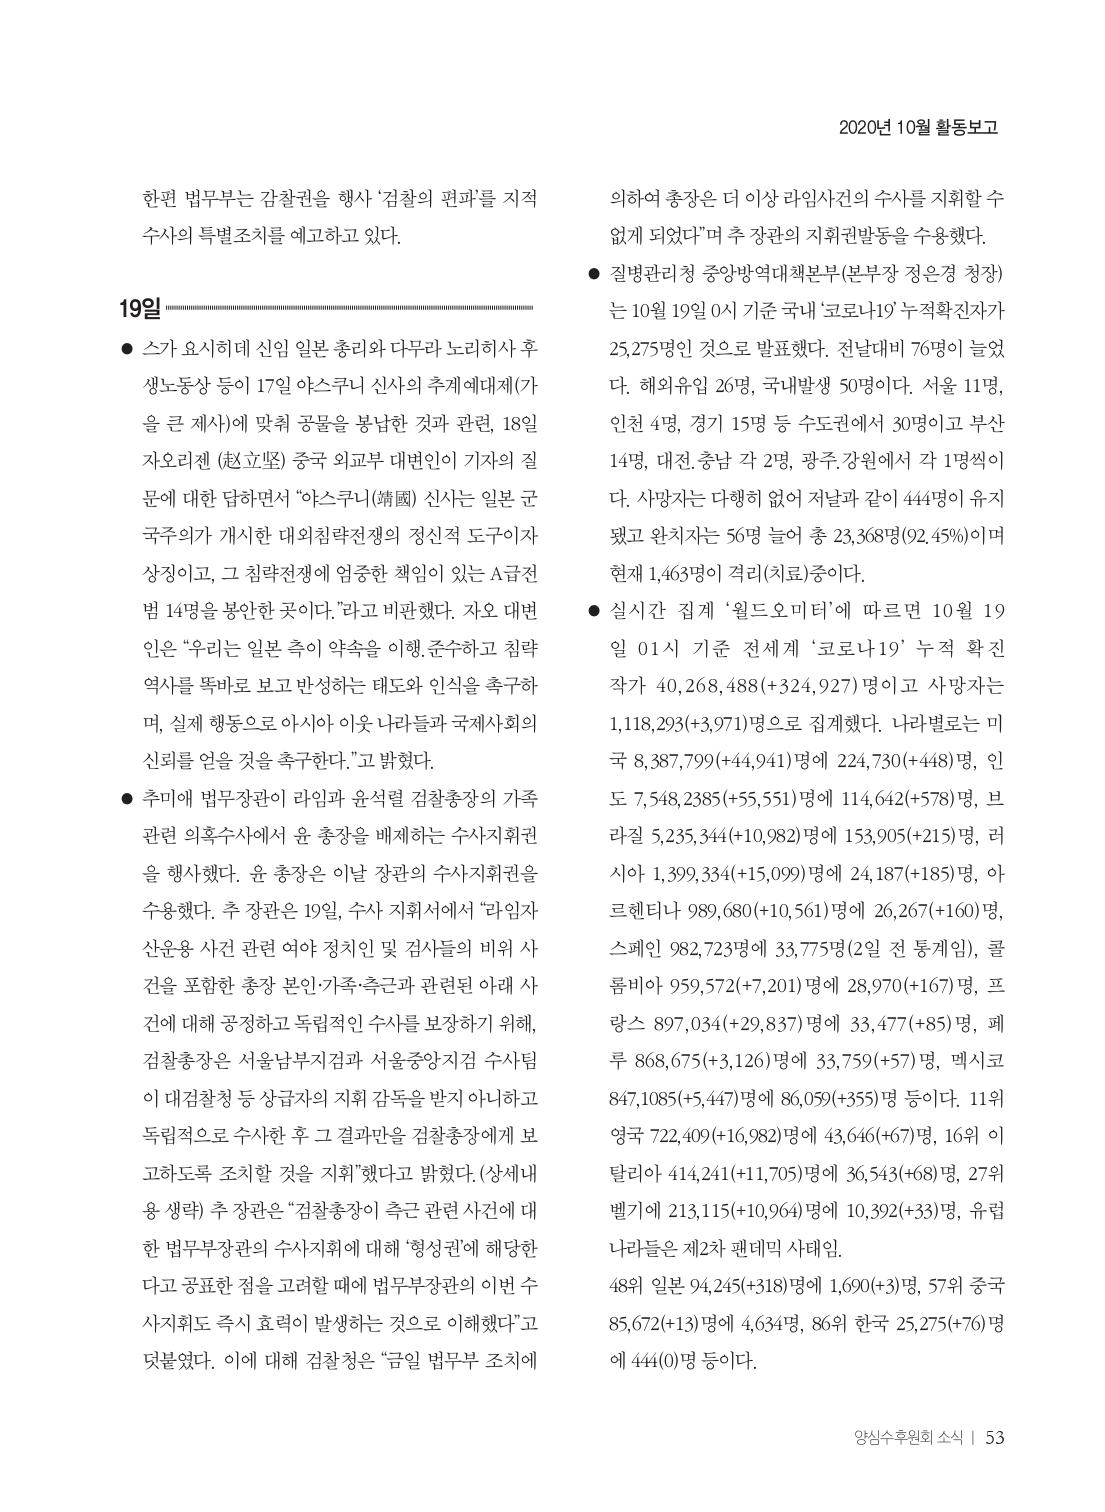 [양심수후원회] 소식지 349호 웹용_page-0055.jpg